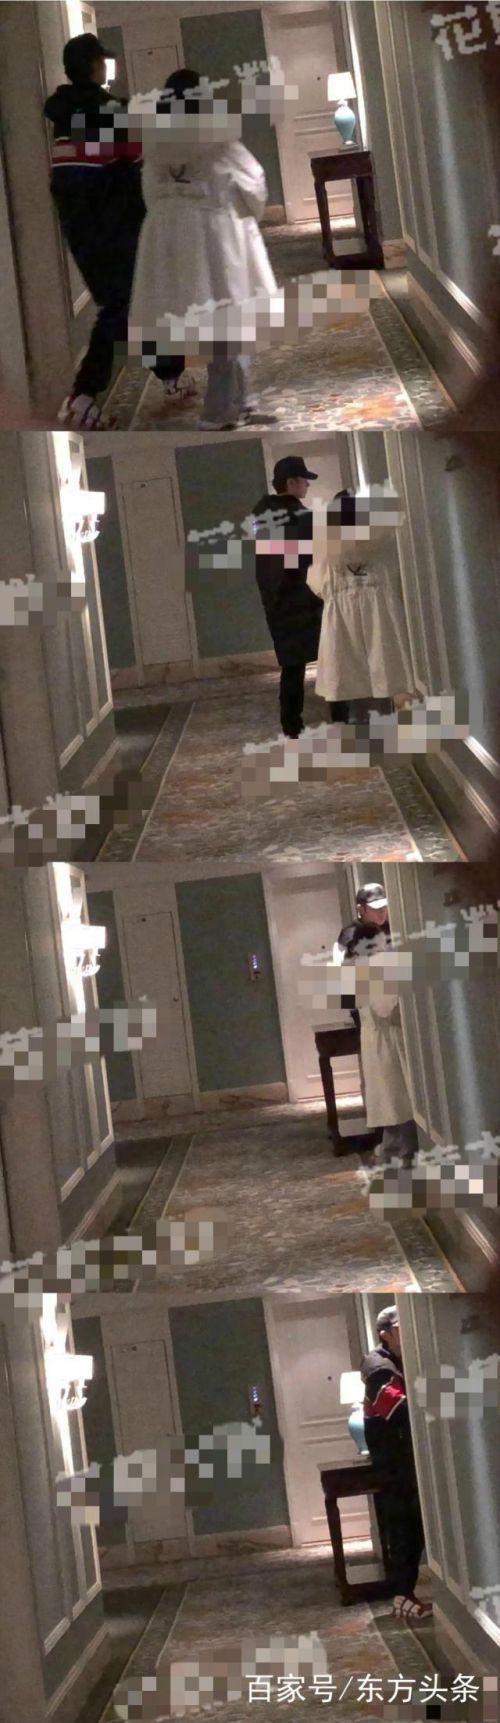 张丹峰被爆出轨是真的假的?毕滢是张丹峰的什么人两人竟共处一室